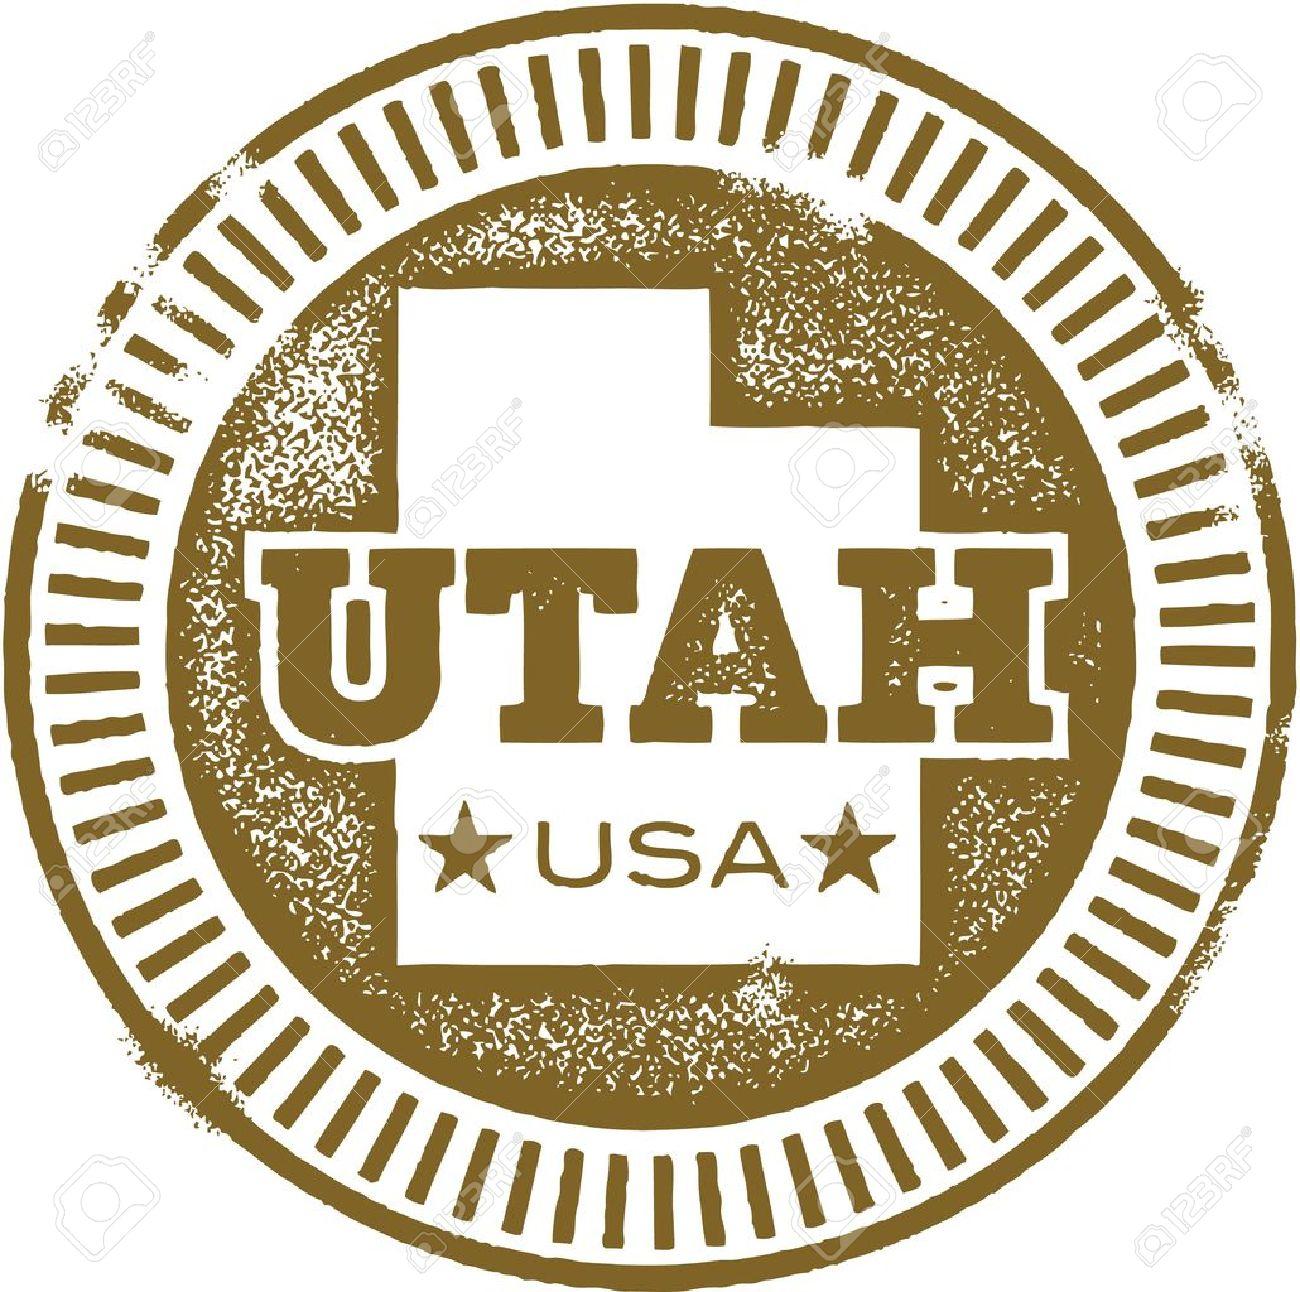 Utah clipart #8, Download drawings